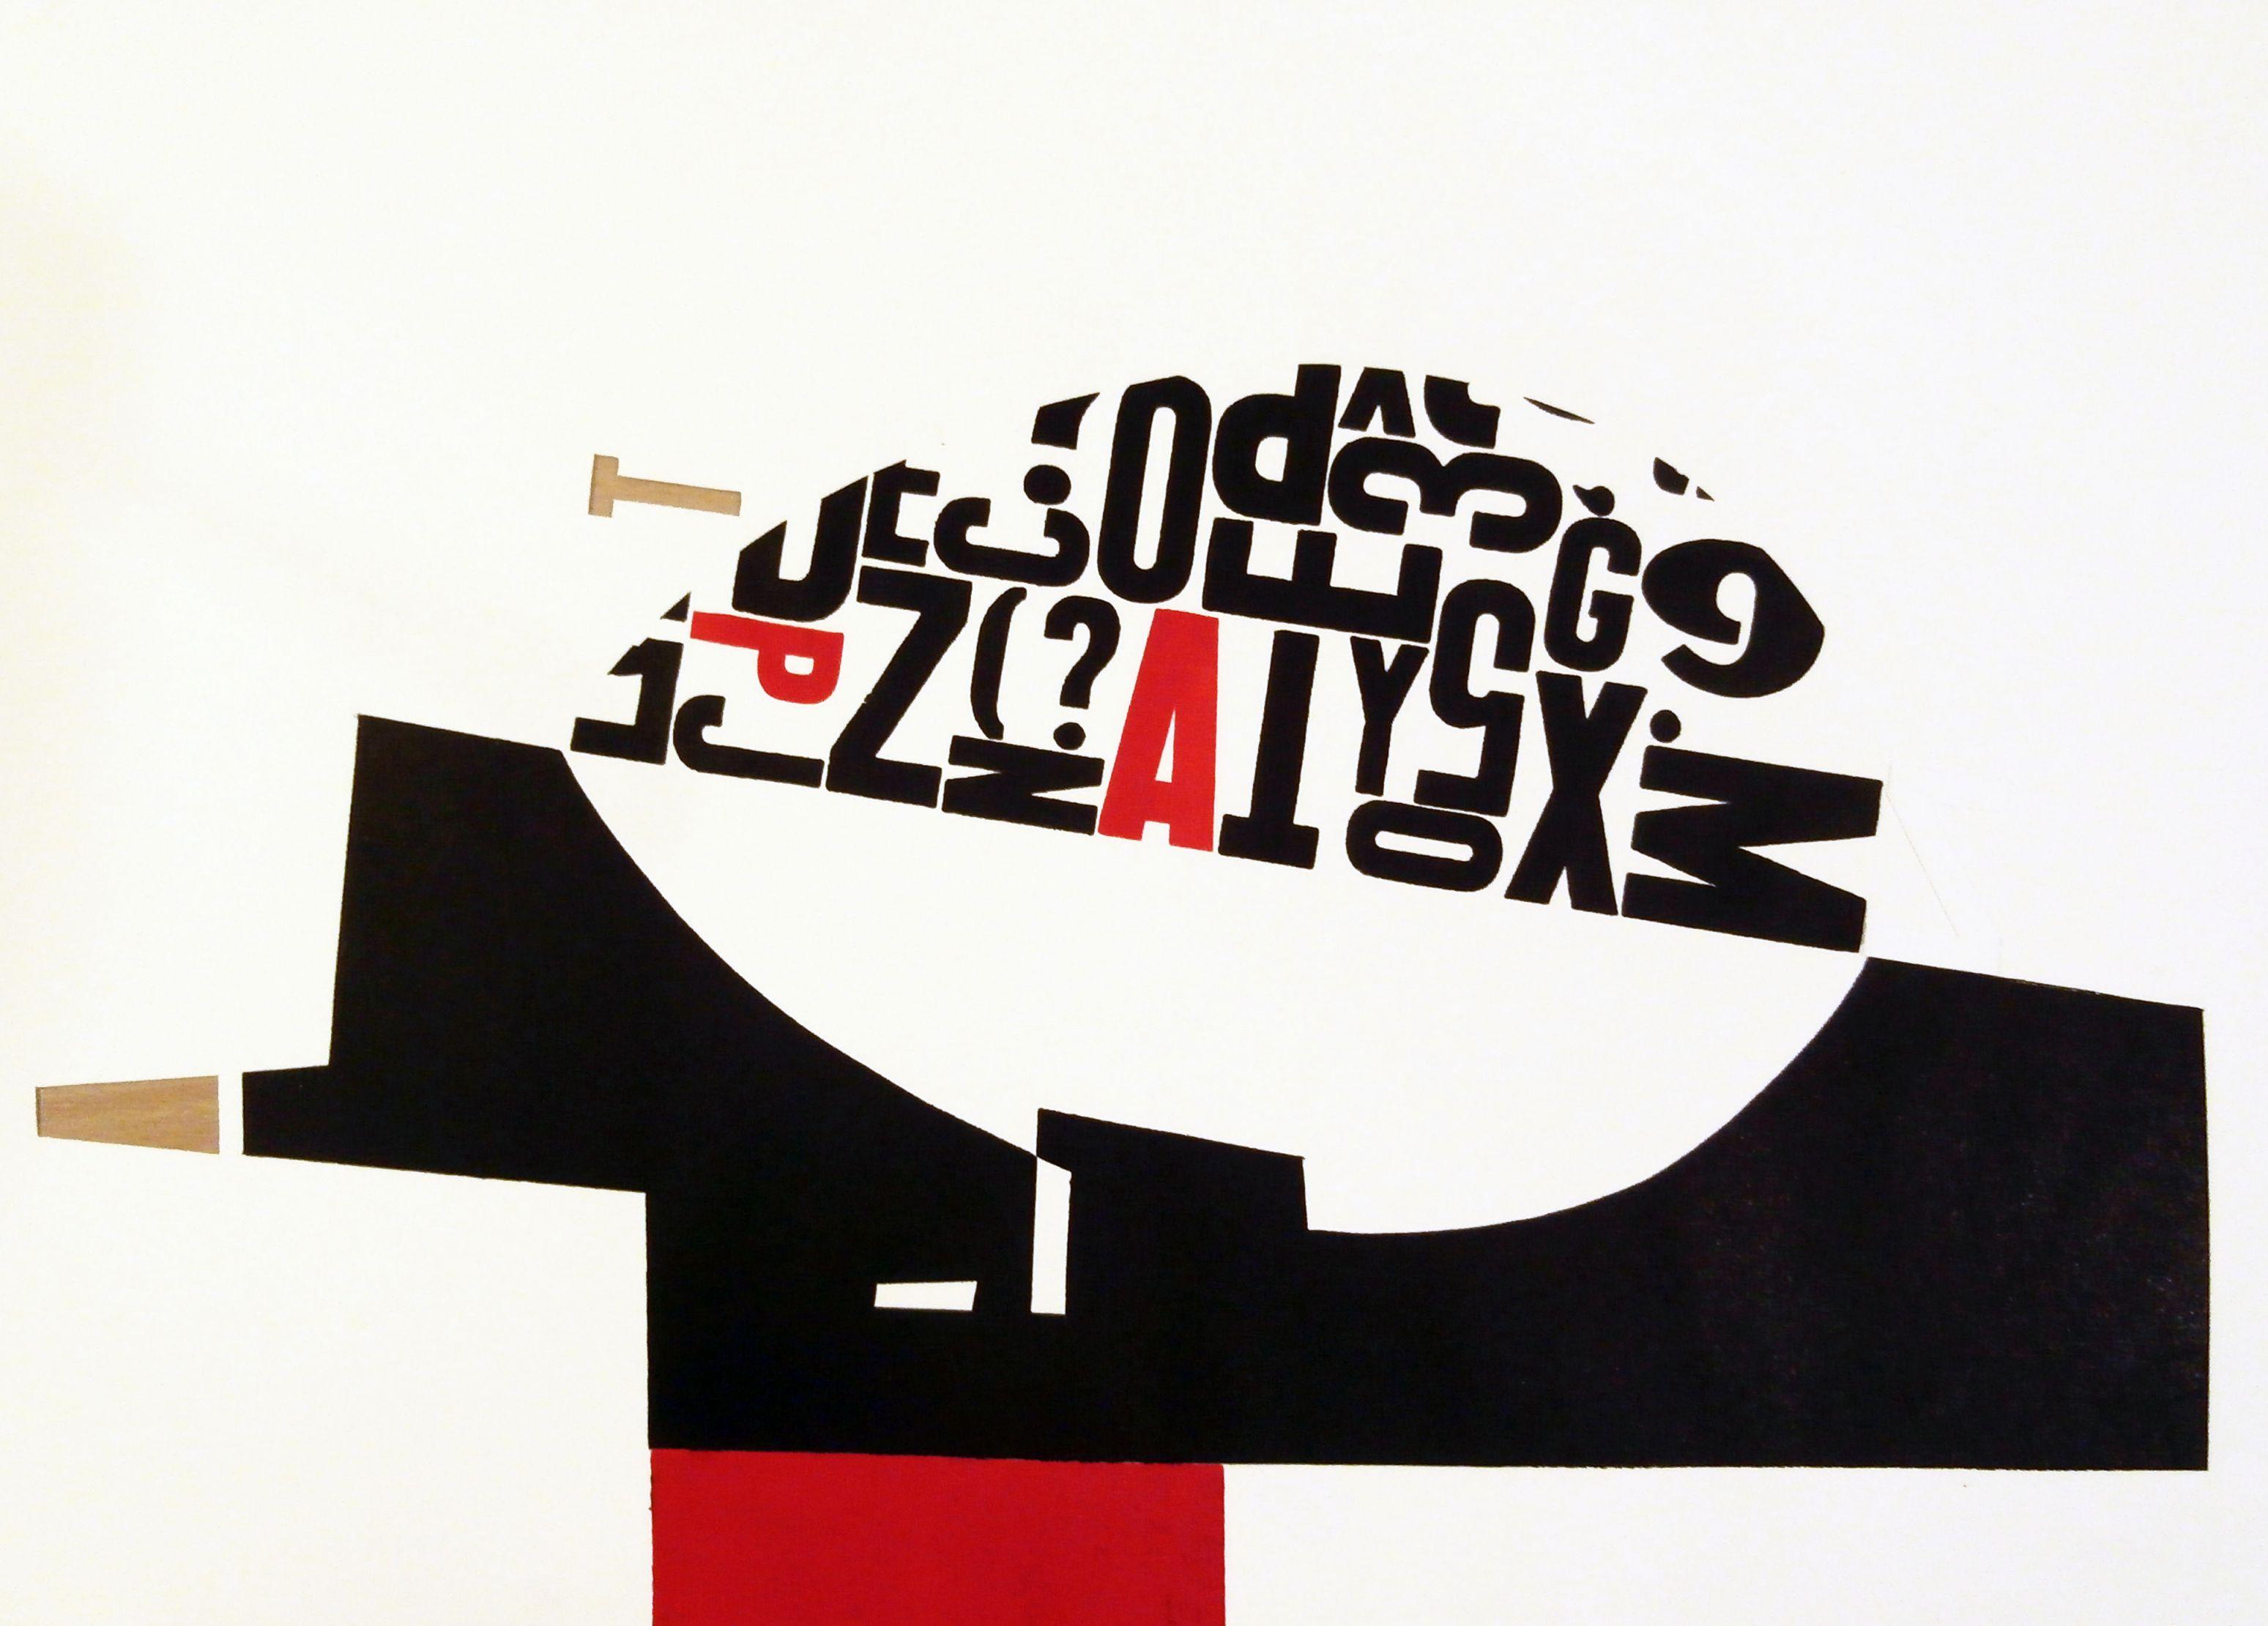 De la A a la Z. CS4